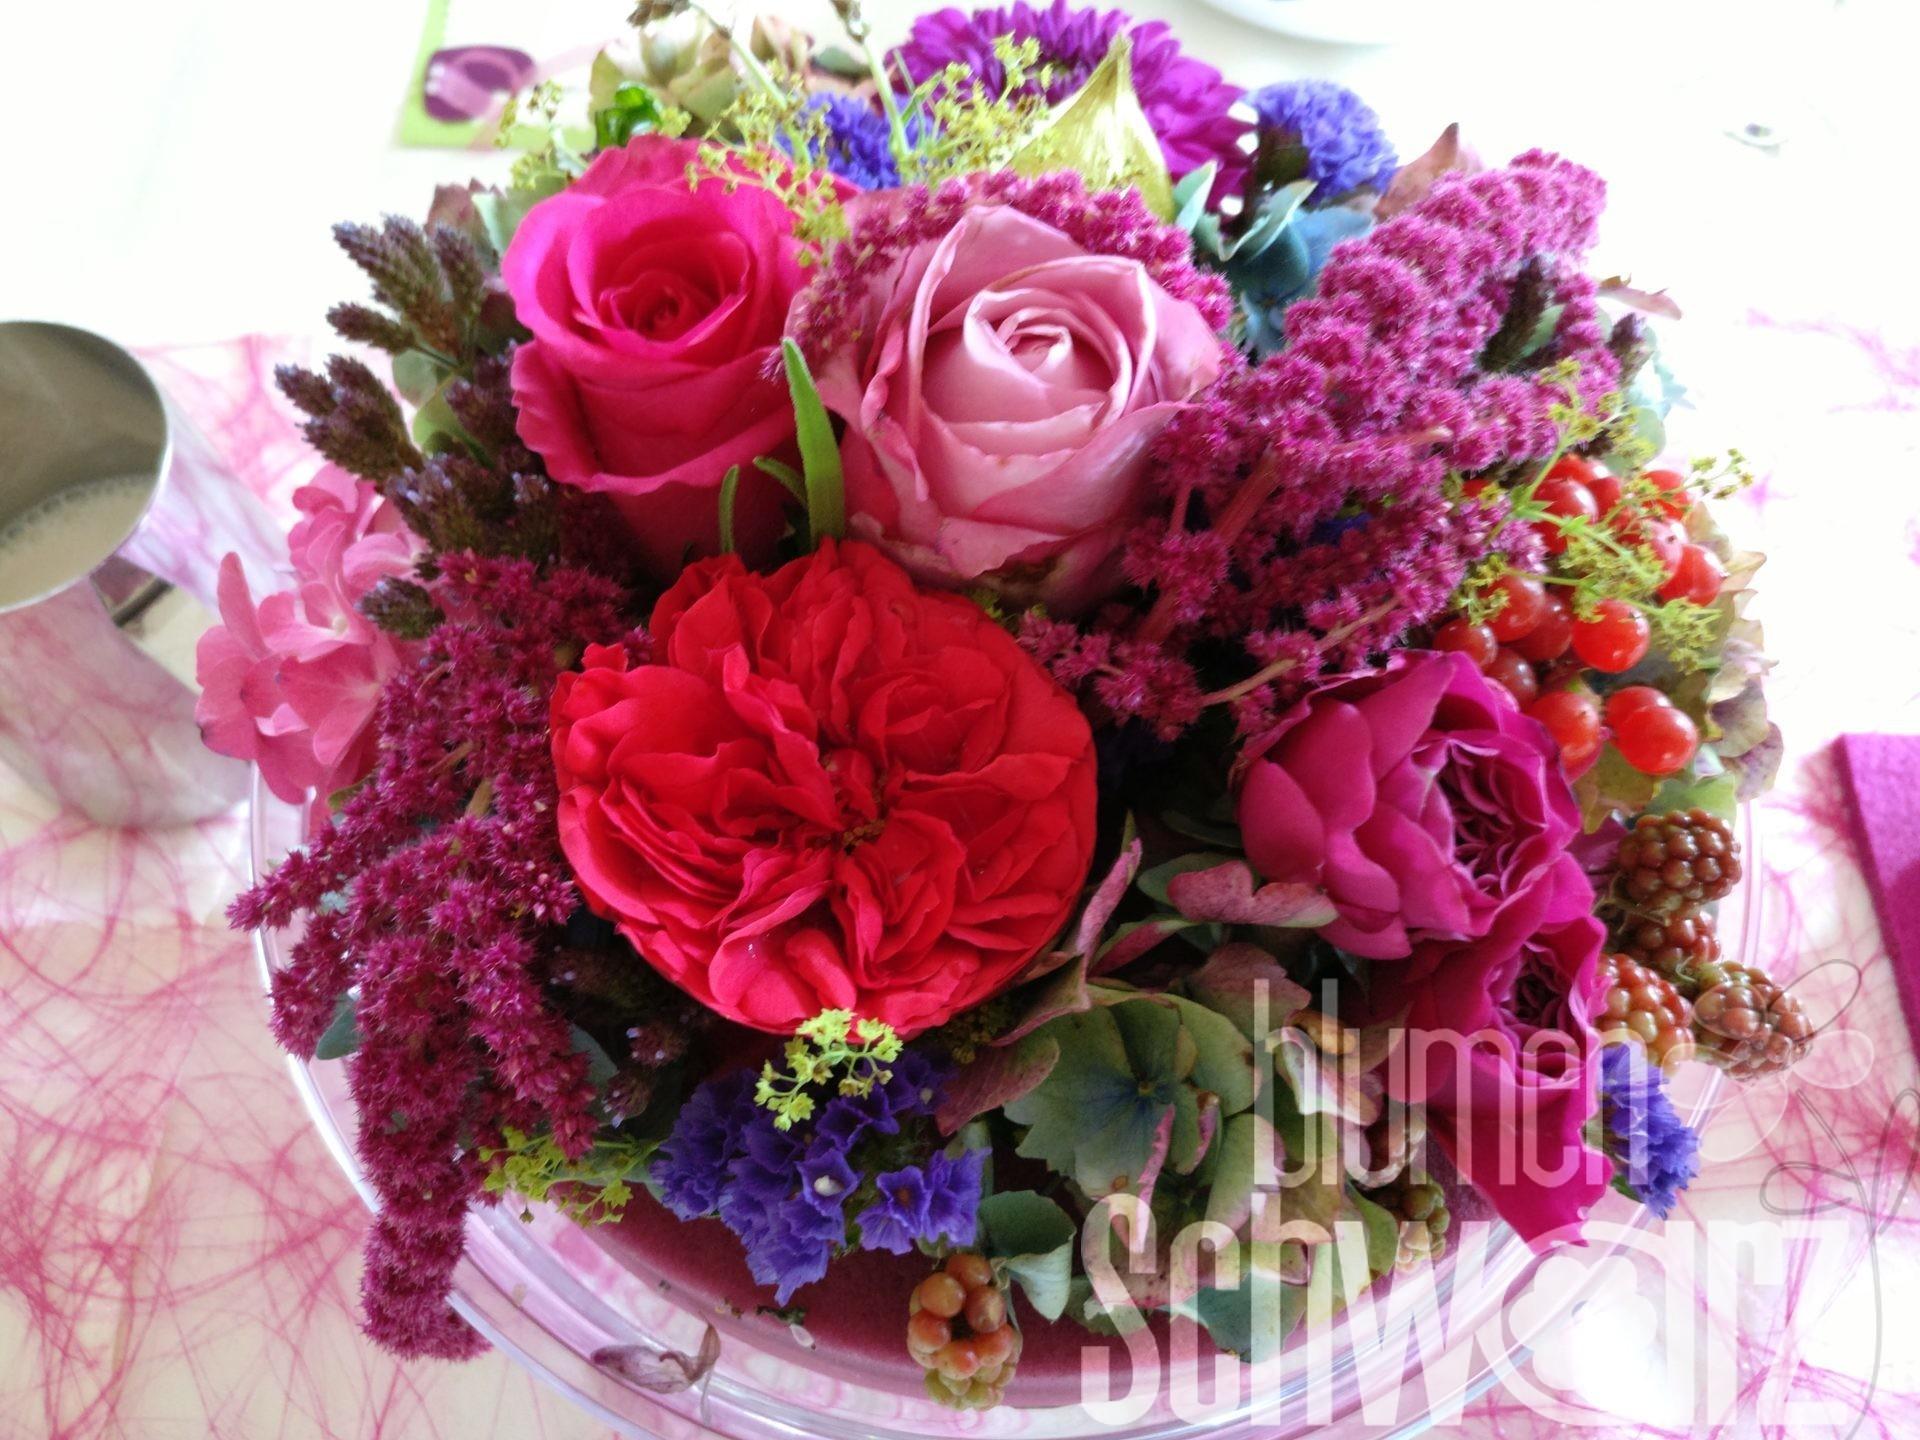 Blumentorte auf Glasplatte mit Amaranthus, Rosen, Beeren, Statice - Hochzeitsfloristik